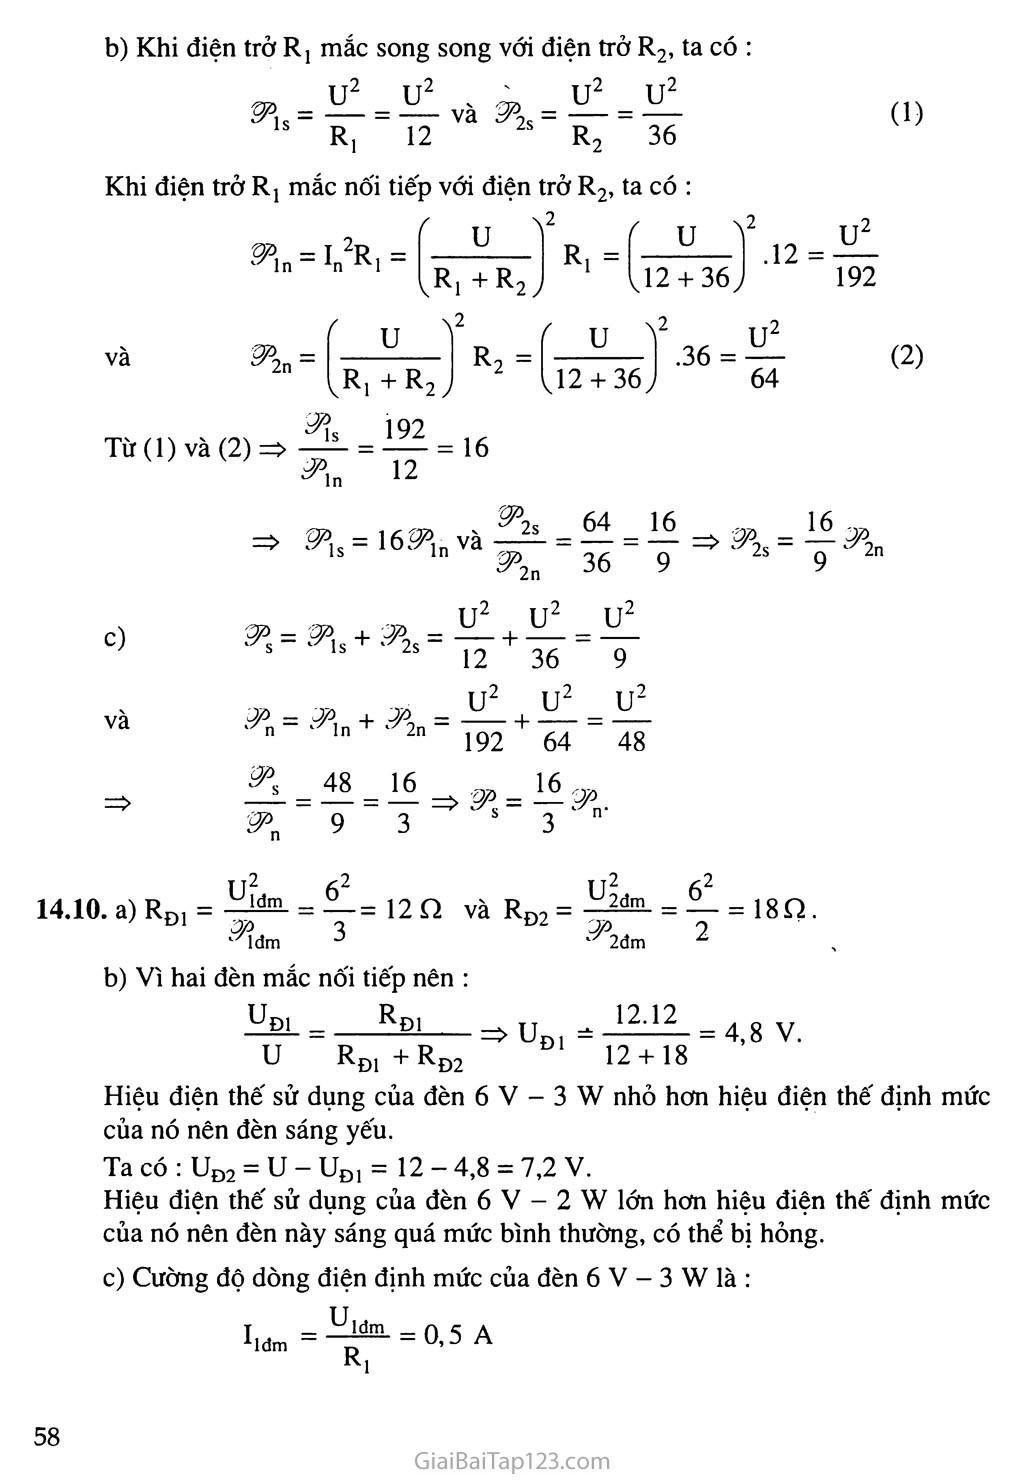 Bài 14: Bài tập về công suất điện và điện năng sử dụng trang 7